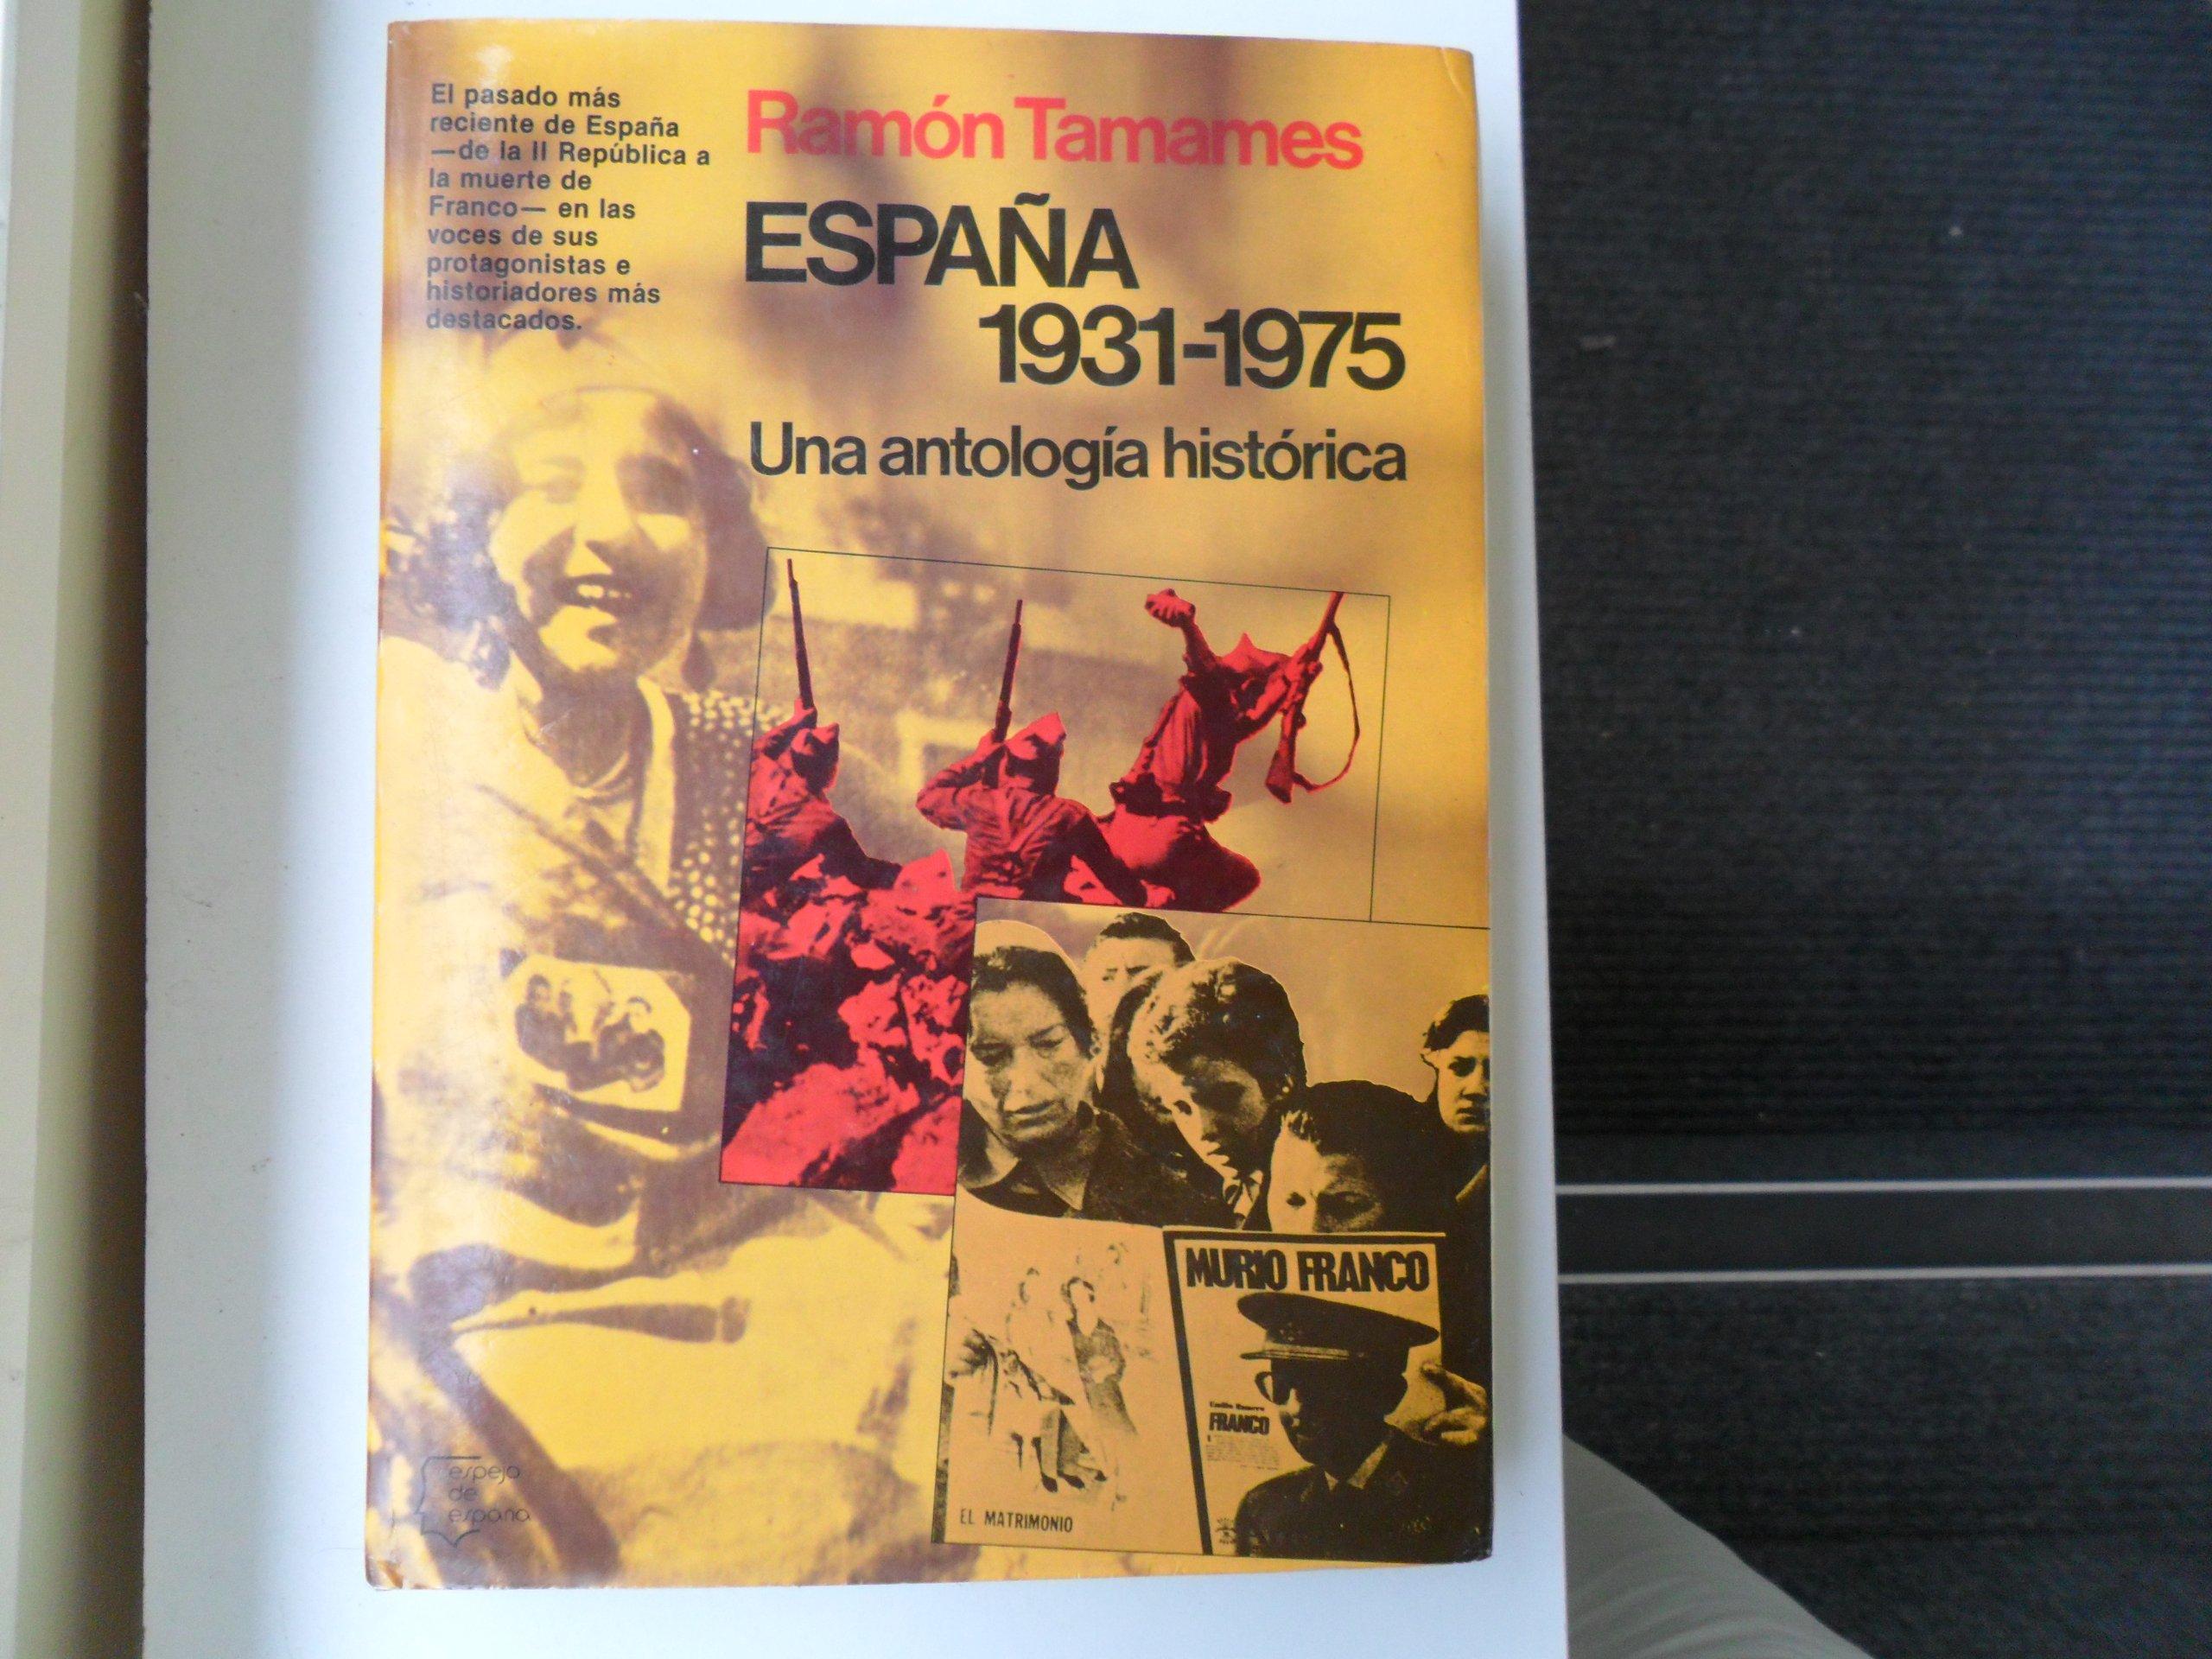 España 1931-1975: Una antolog¸a histórica Espejo de España. Serie La historia viva: Amazon.es: Tamames, Ramón: Libros en idiomas extranjeros